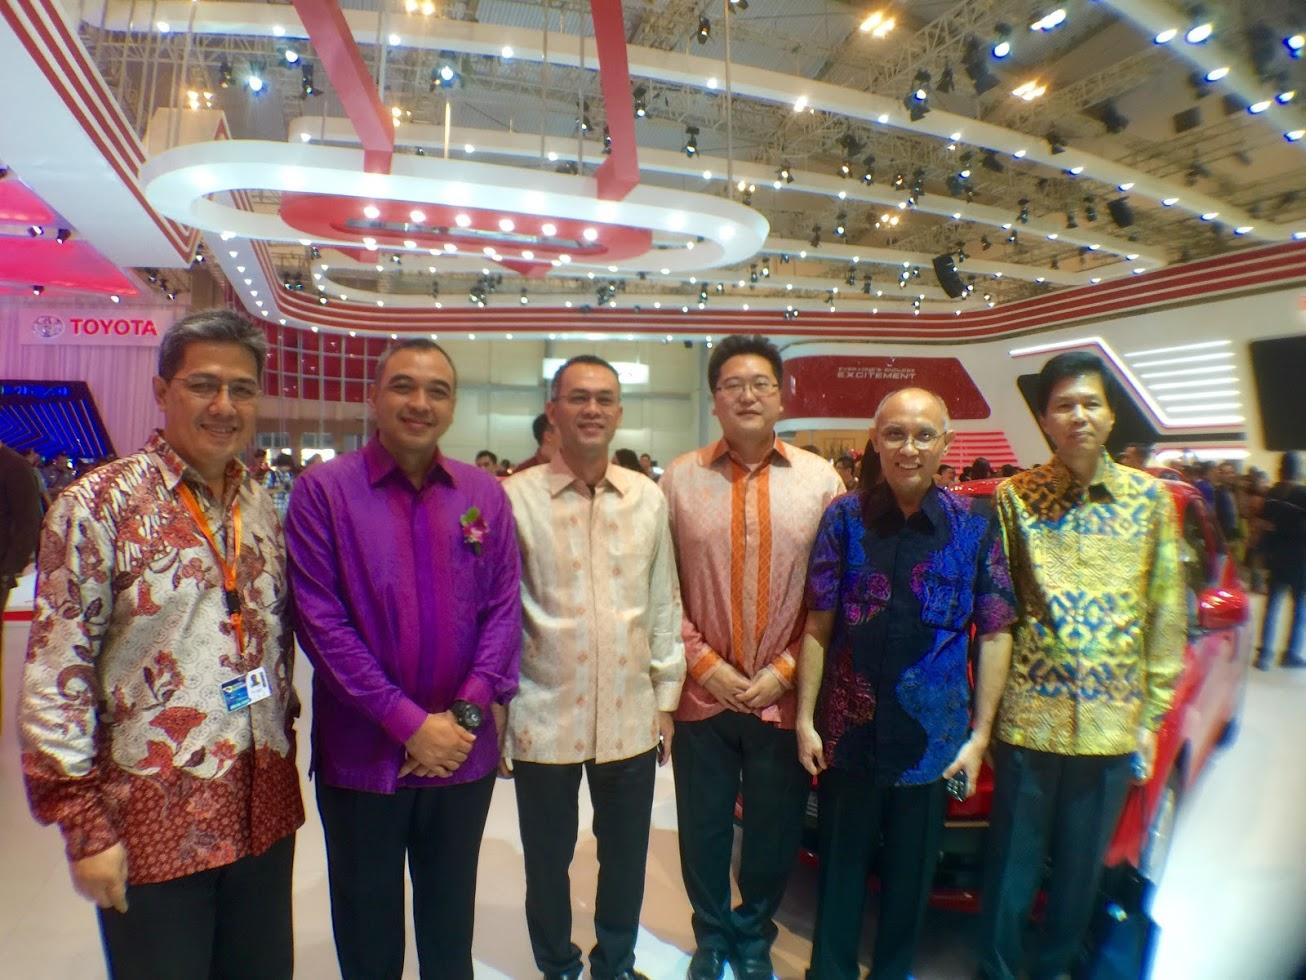 Dari kanan ke kiri: Teddy Surianto (Presdir PT Medialand), Irwan Oetama (Komisaris Utama PT Medialand), Michael Widjaja (CEO Sinarmas Land), Ernawan (Komisaris Medialand), Zaki Iskandar (Bupati Tangerang), dan Dhony Rahajoe (Sinarmas Land) FOTO: KOMPAS/ROBERT ADHI KUSUMAPUTRA